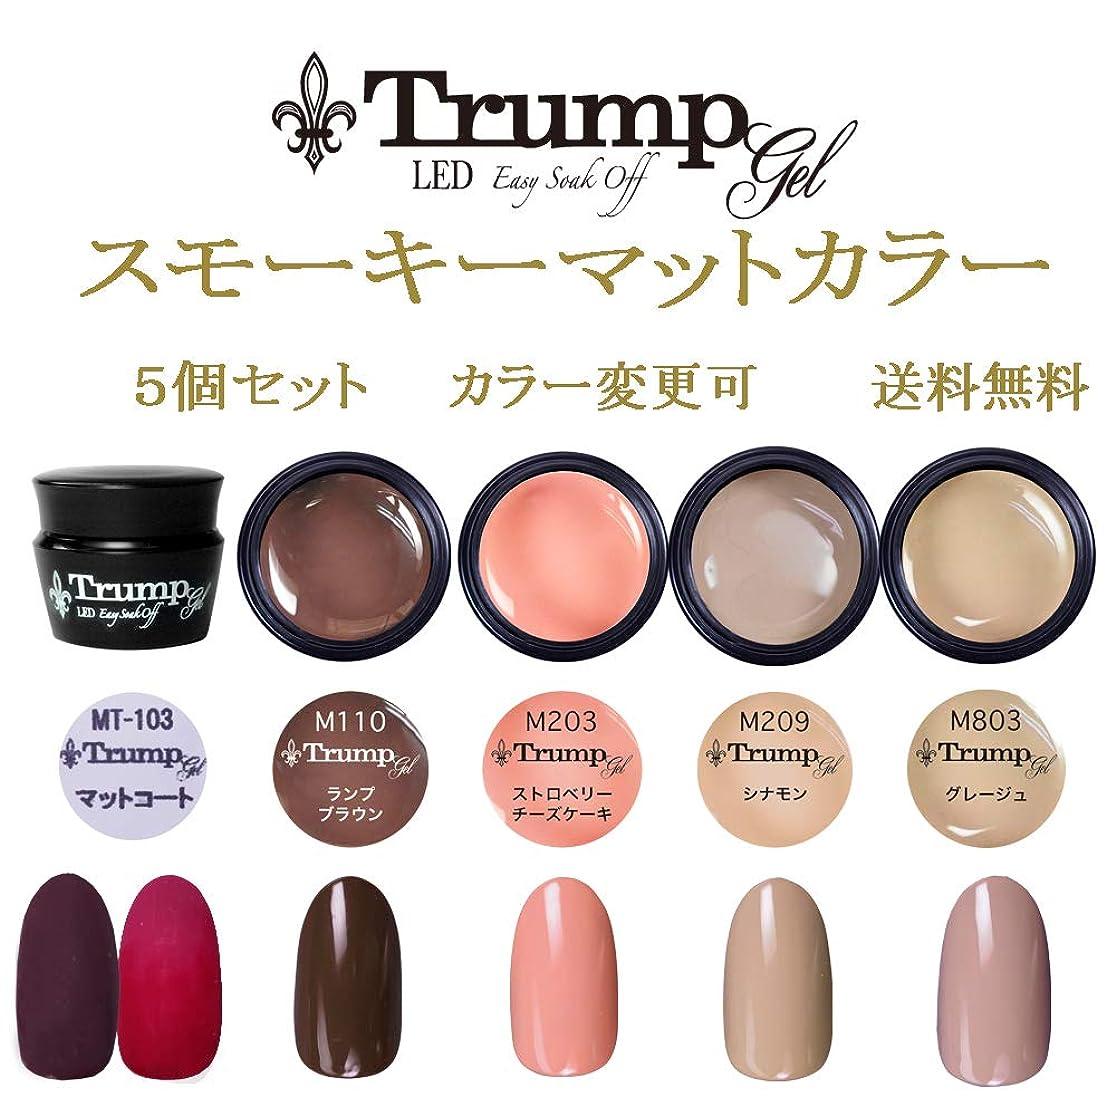 かき混ぜるライン交差点【送料無料】日本製 Trump gel トランプジェル スモーキーマット カラージェル 5個セット 魅惑のフロストマットトップとマットに合う人気カラーをチョイス